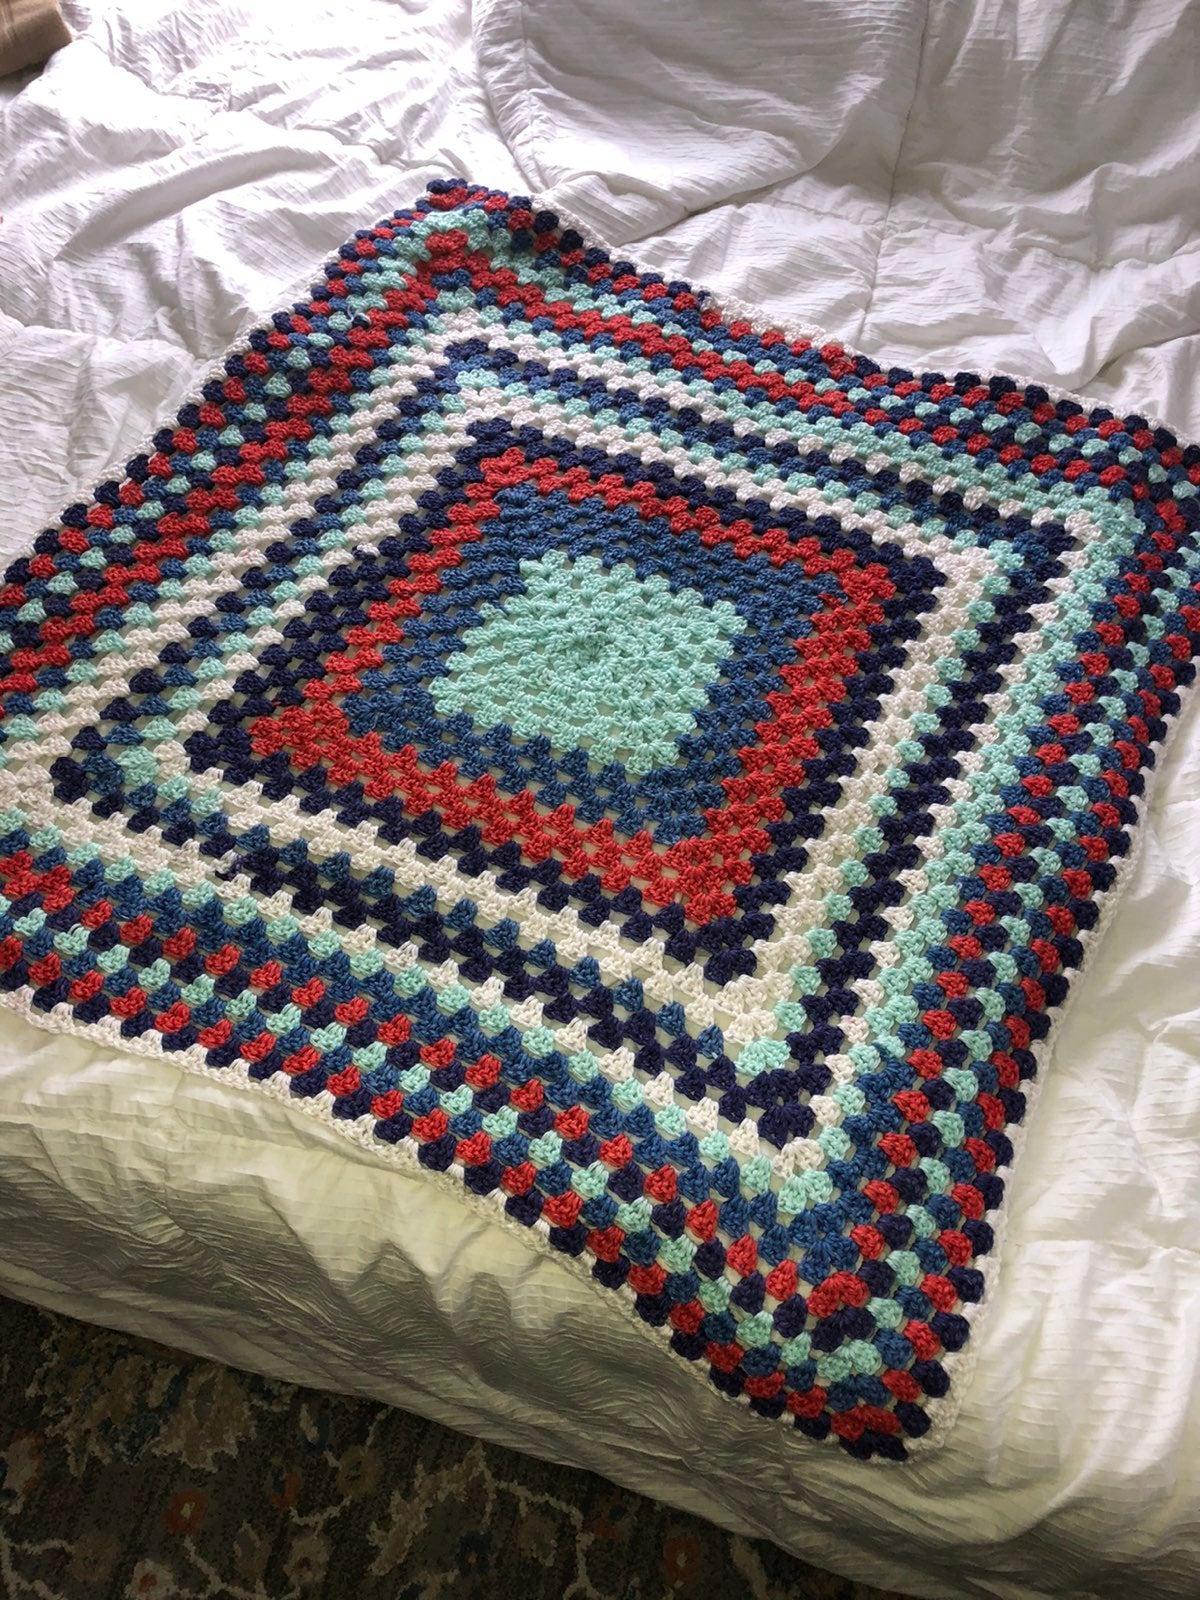 Knit/crochet blanket